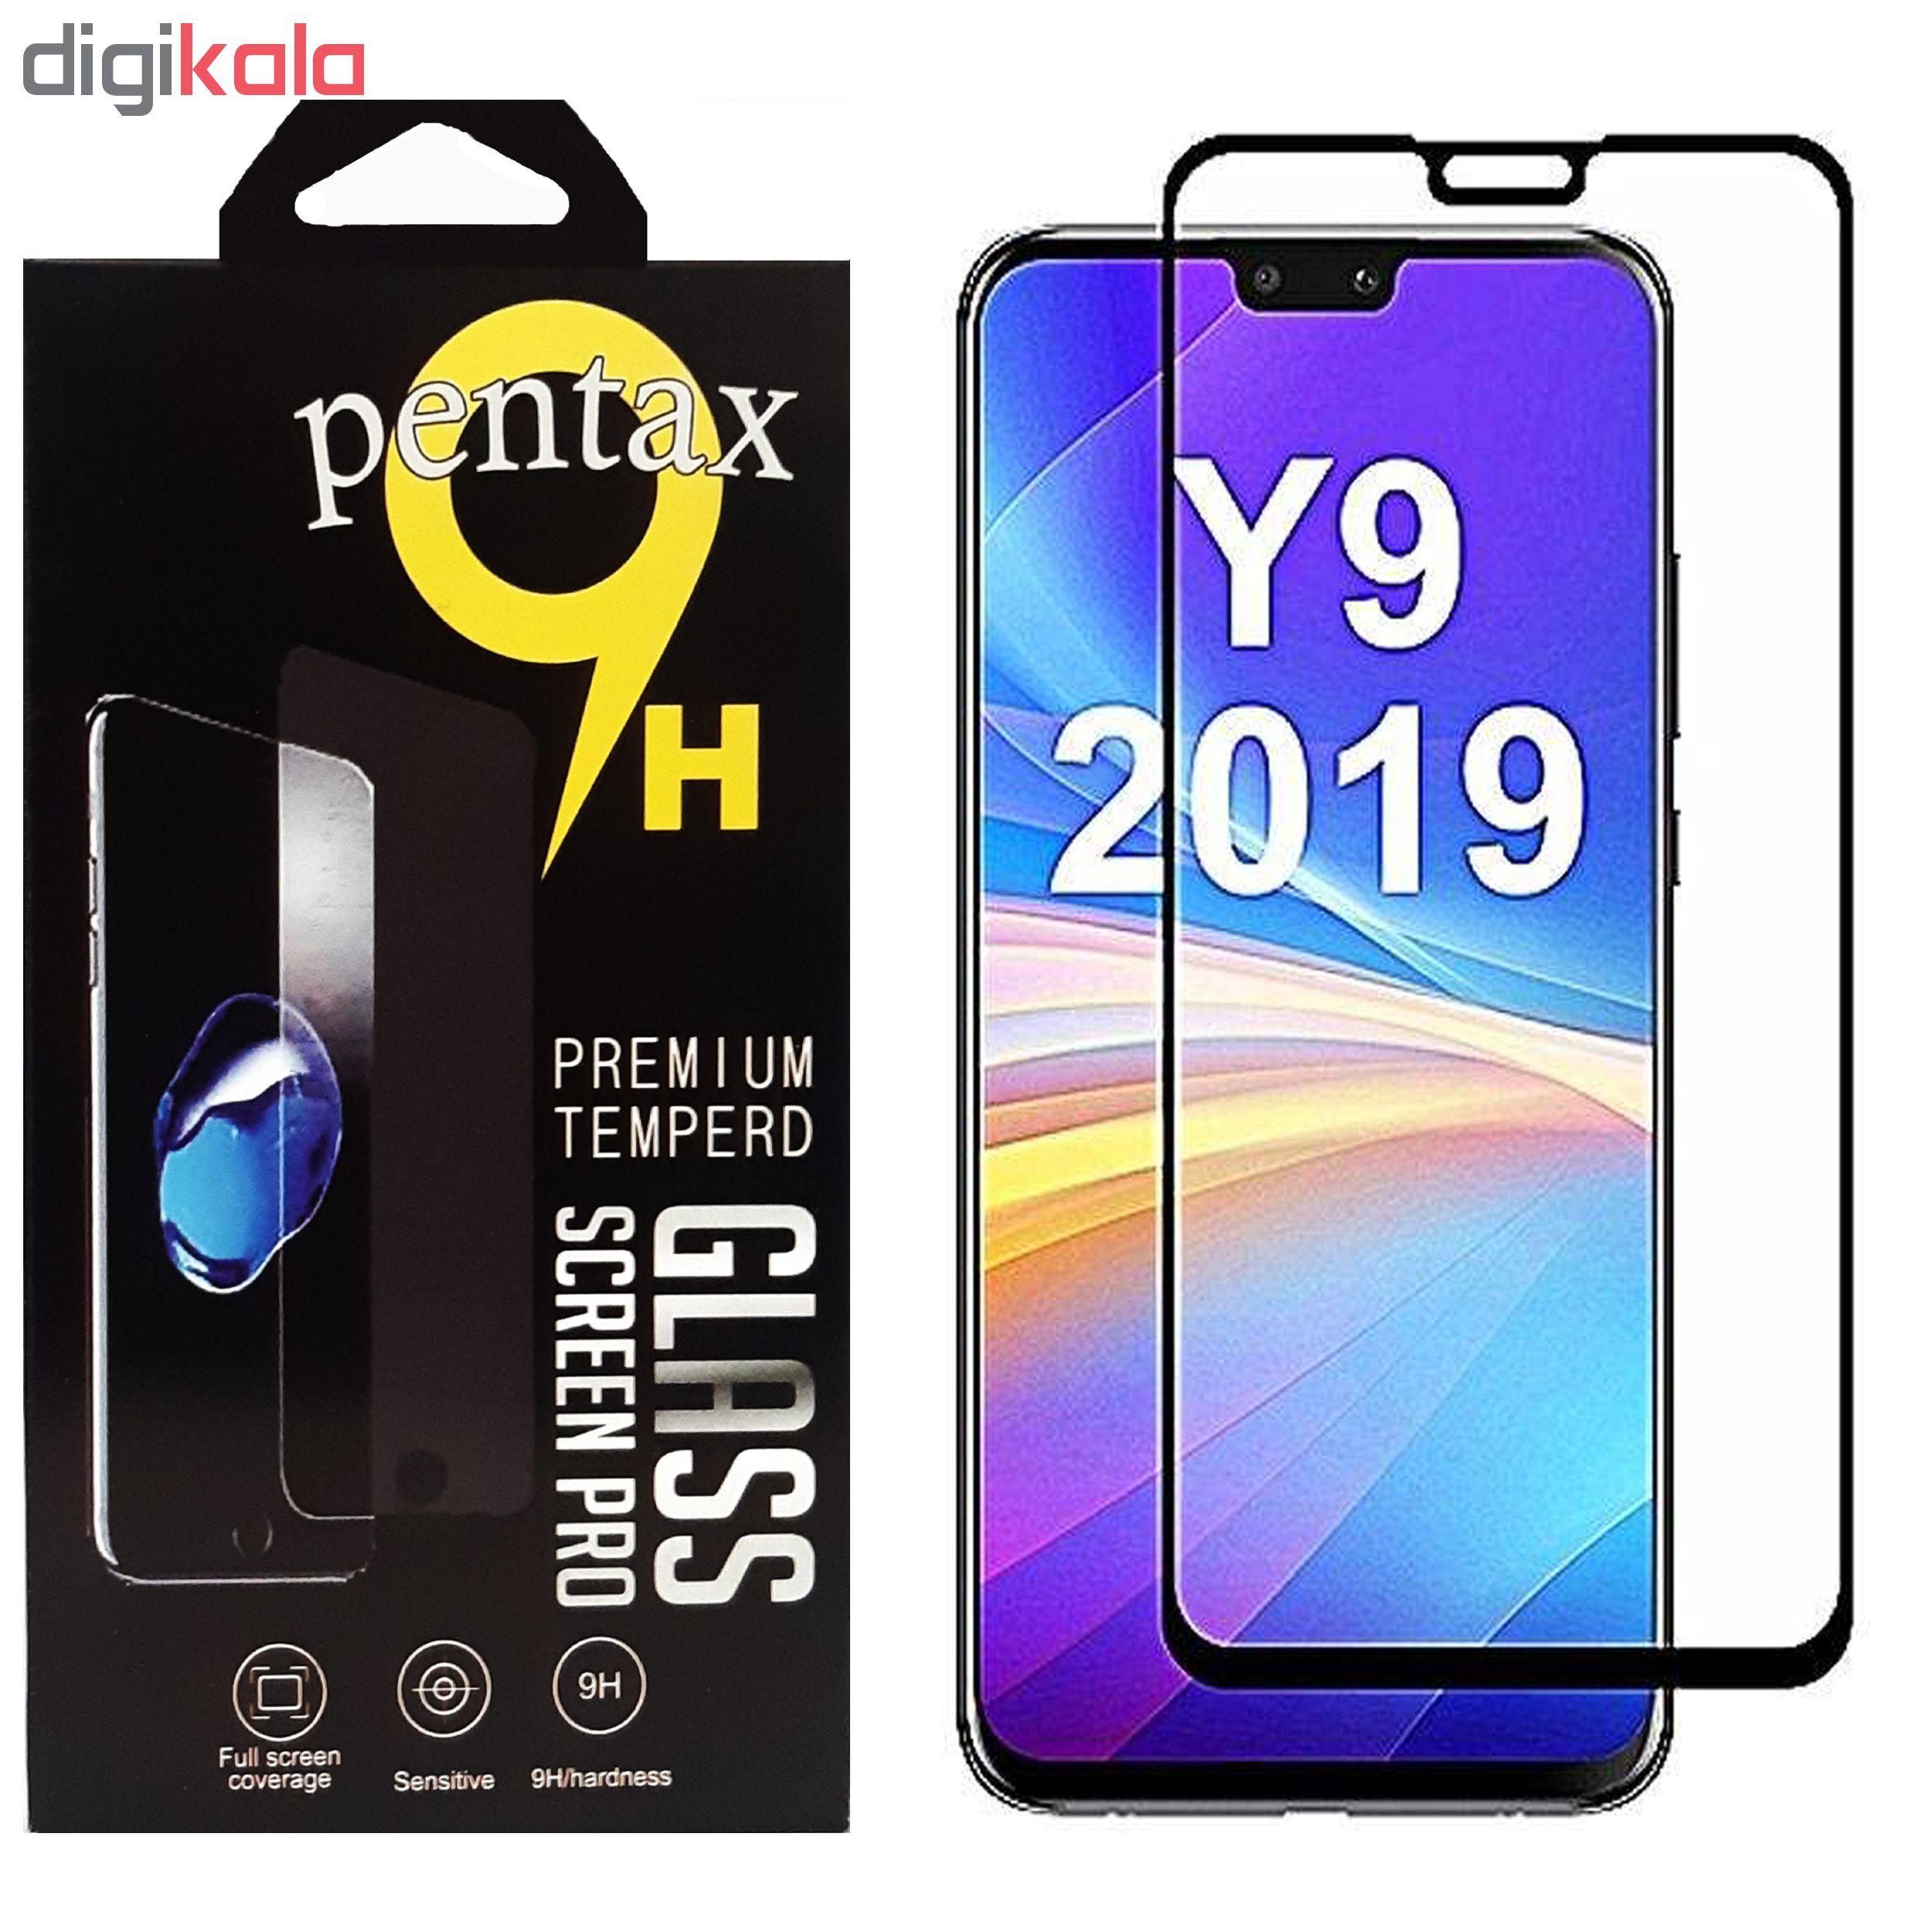 محافظ صفحه نمایش پنتاکس مدل TMP مناسب برای گوشی موبایل هوآوی y9 2019 main 1 1